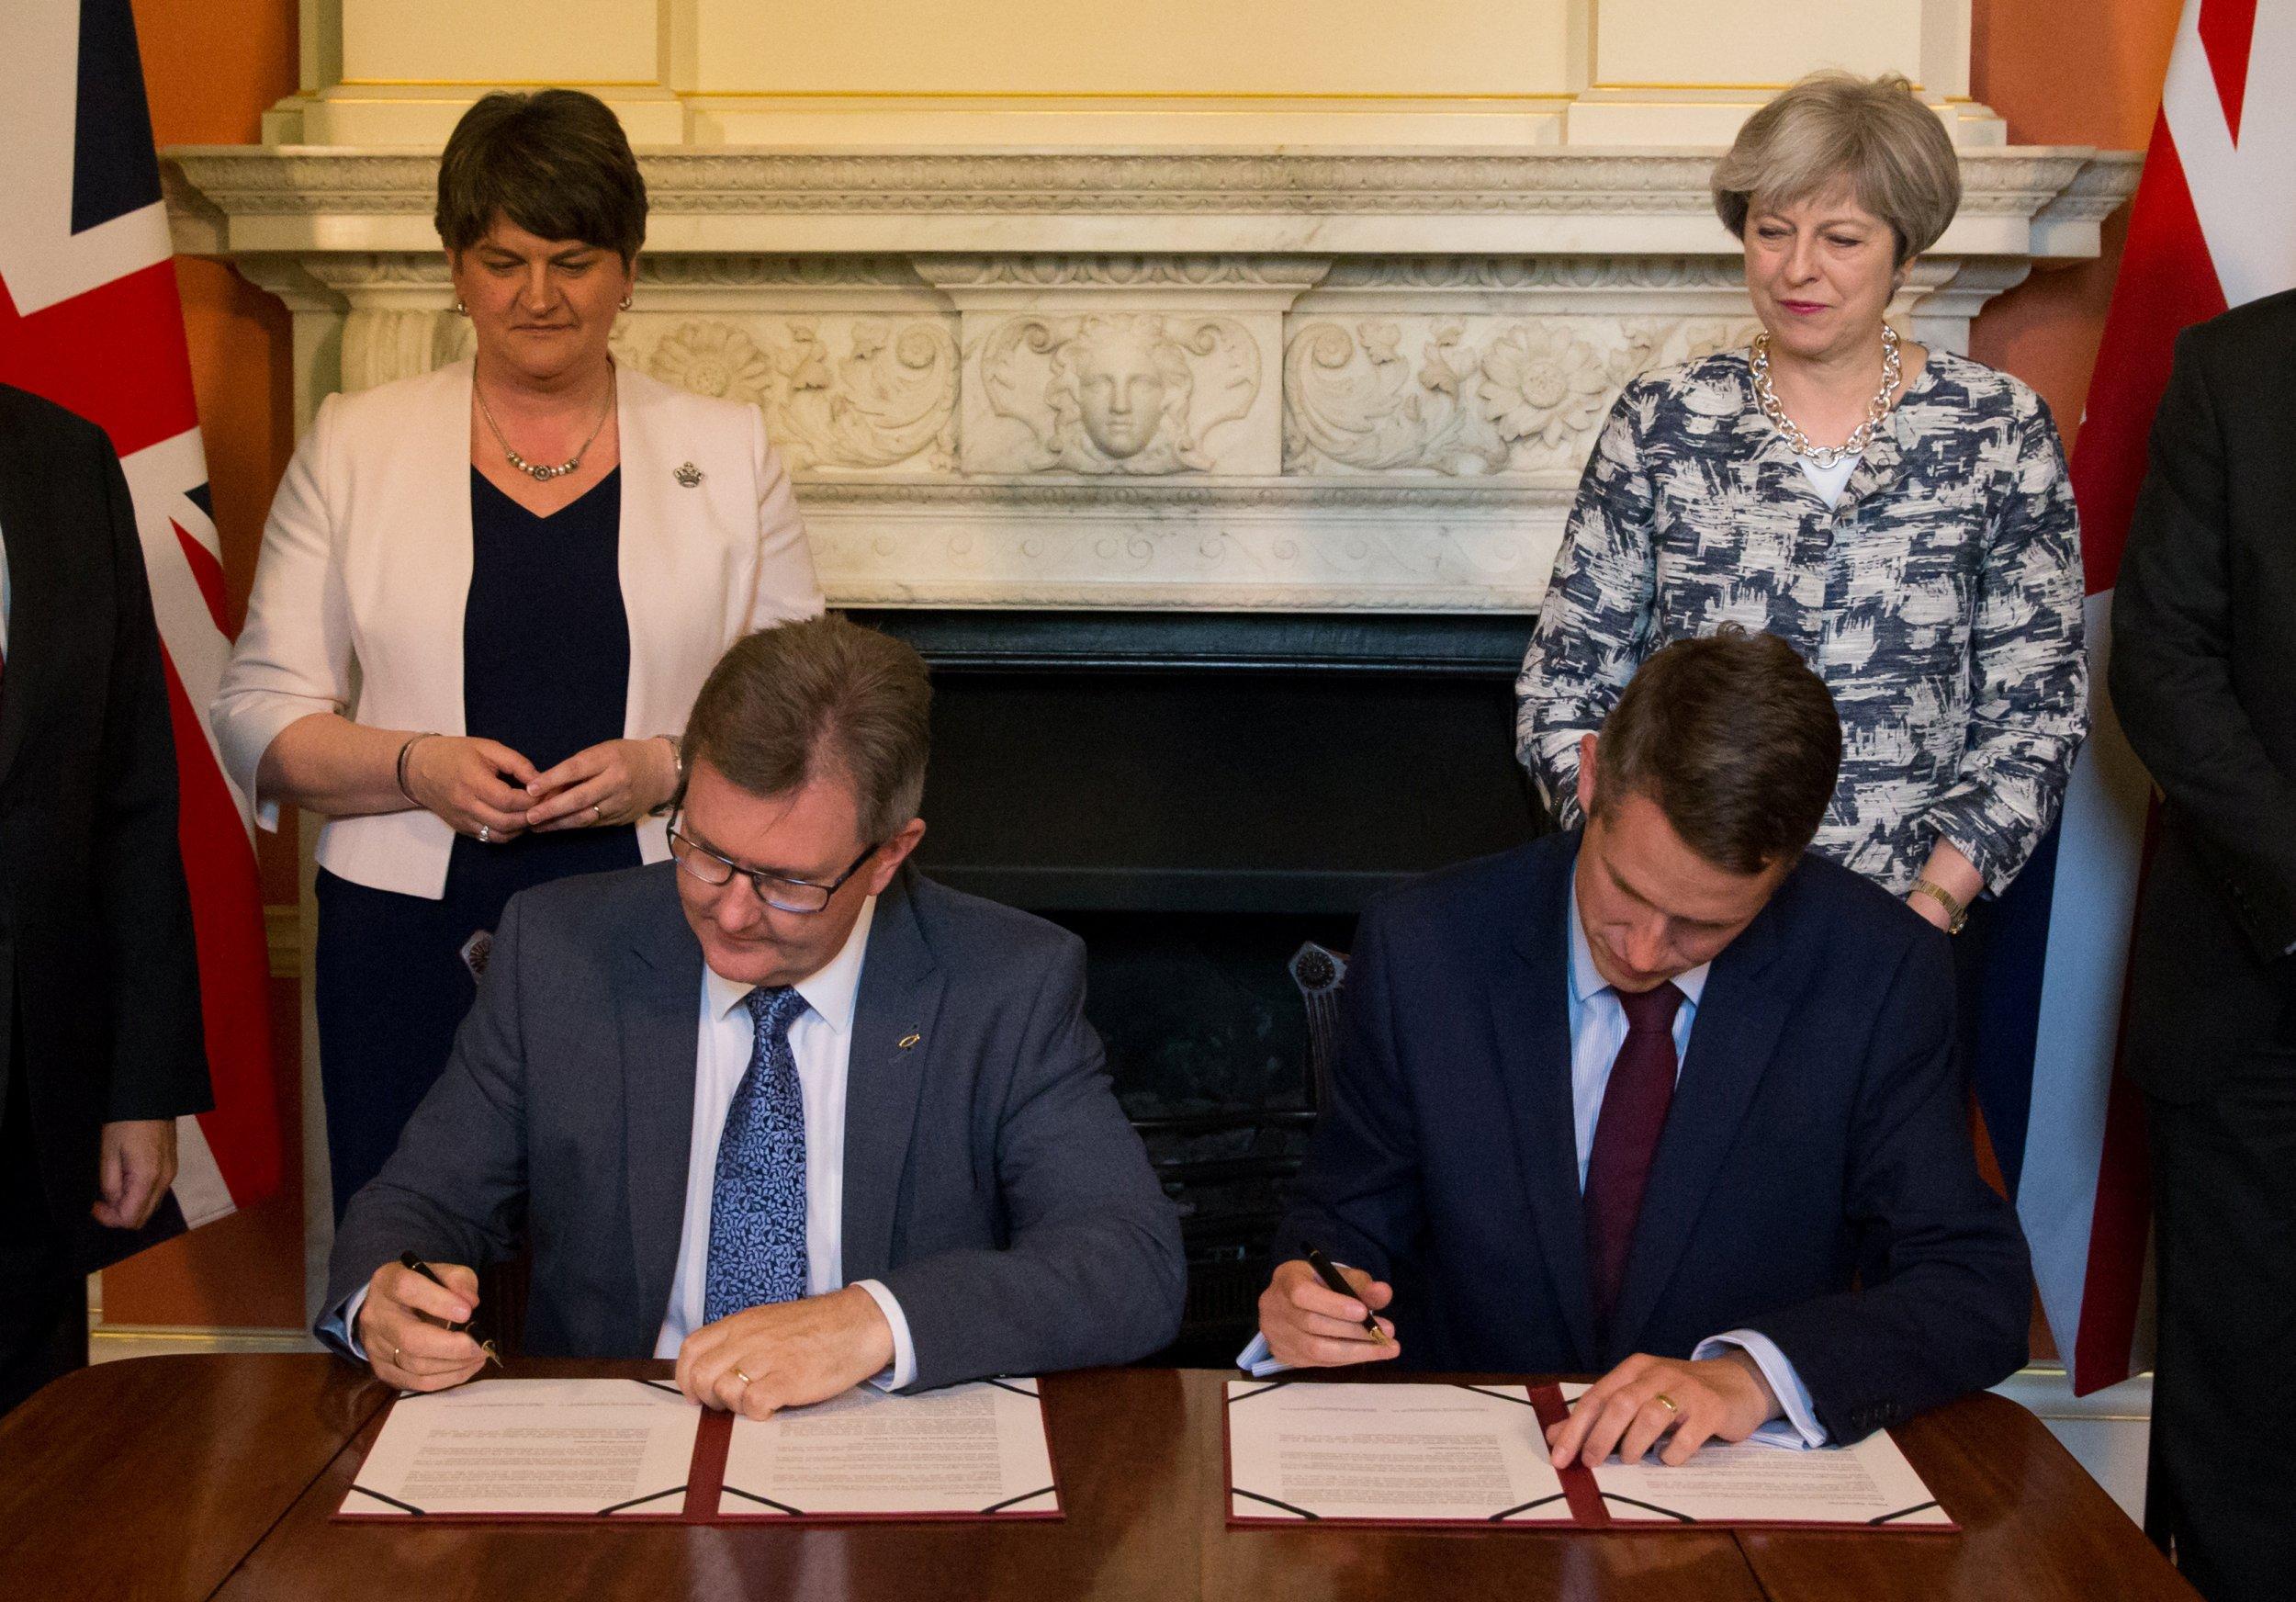 Theresa May DUP deal